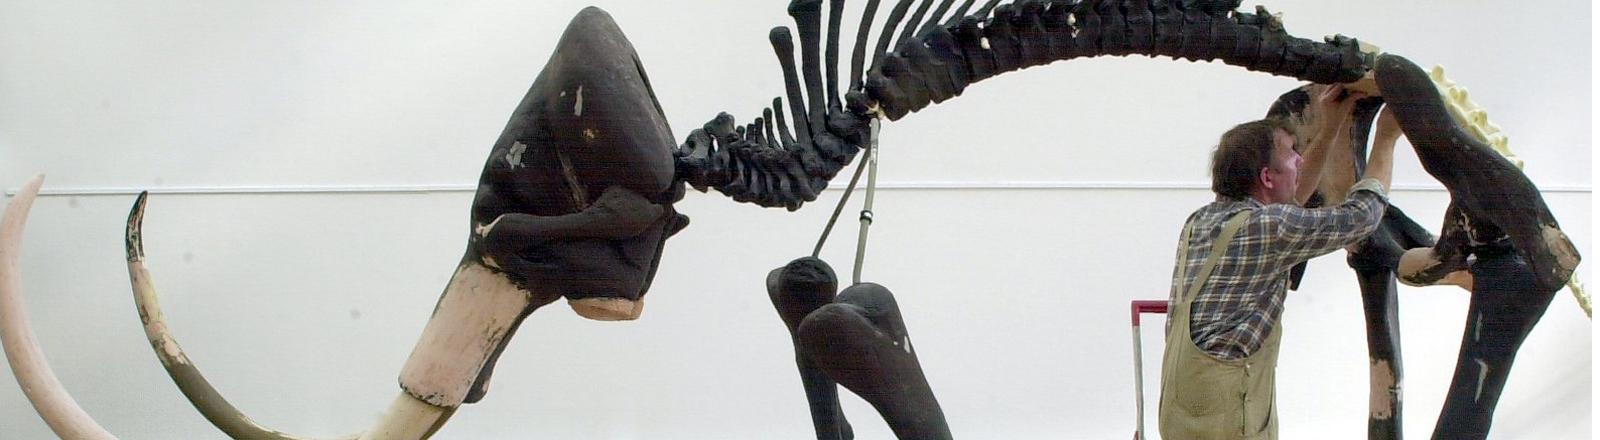 Die Wirbelsäule eines Mammutskelettes mit großen Zähnen betrachtet am 10.10.2001 ein Präparator im Kreishaus der brandenburgischen Stadt Forst.